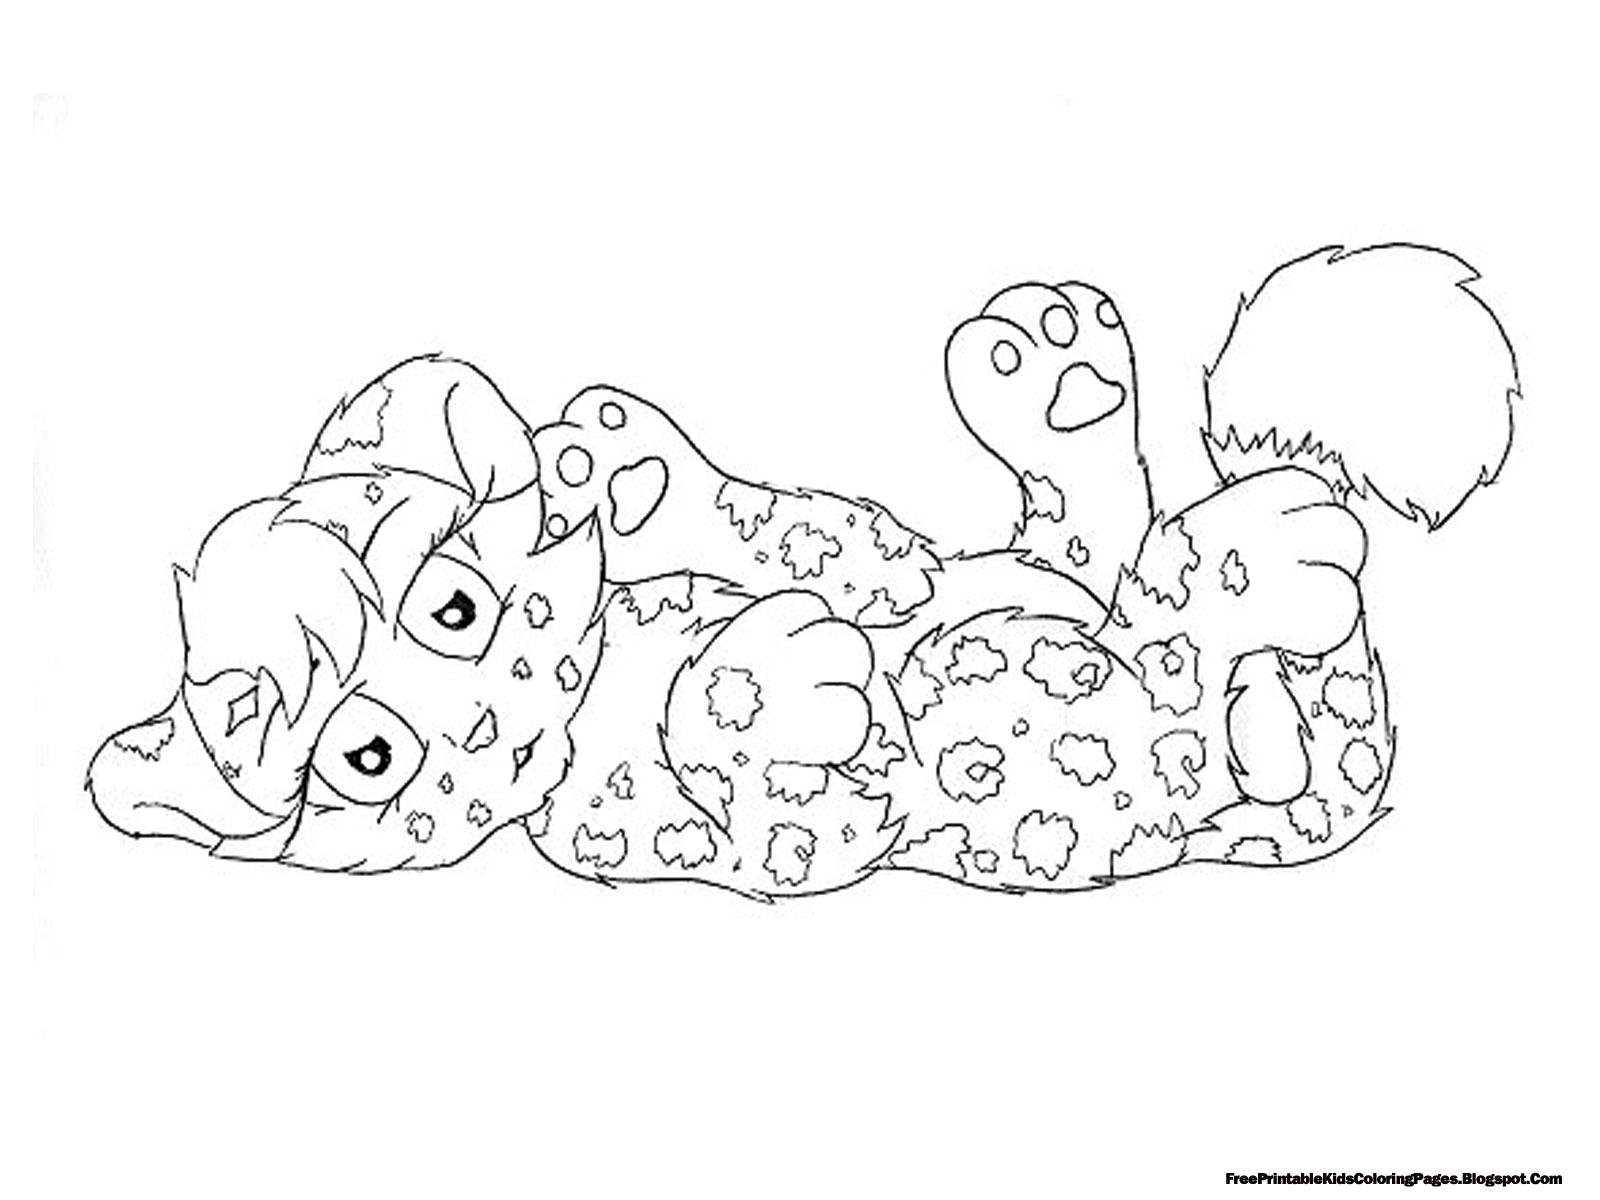 Coloring pages jaguar - Jaguar Coloring Pages For Kids Free Printable